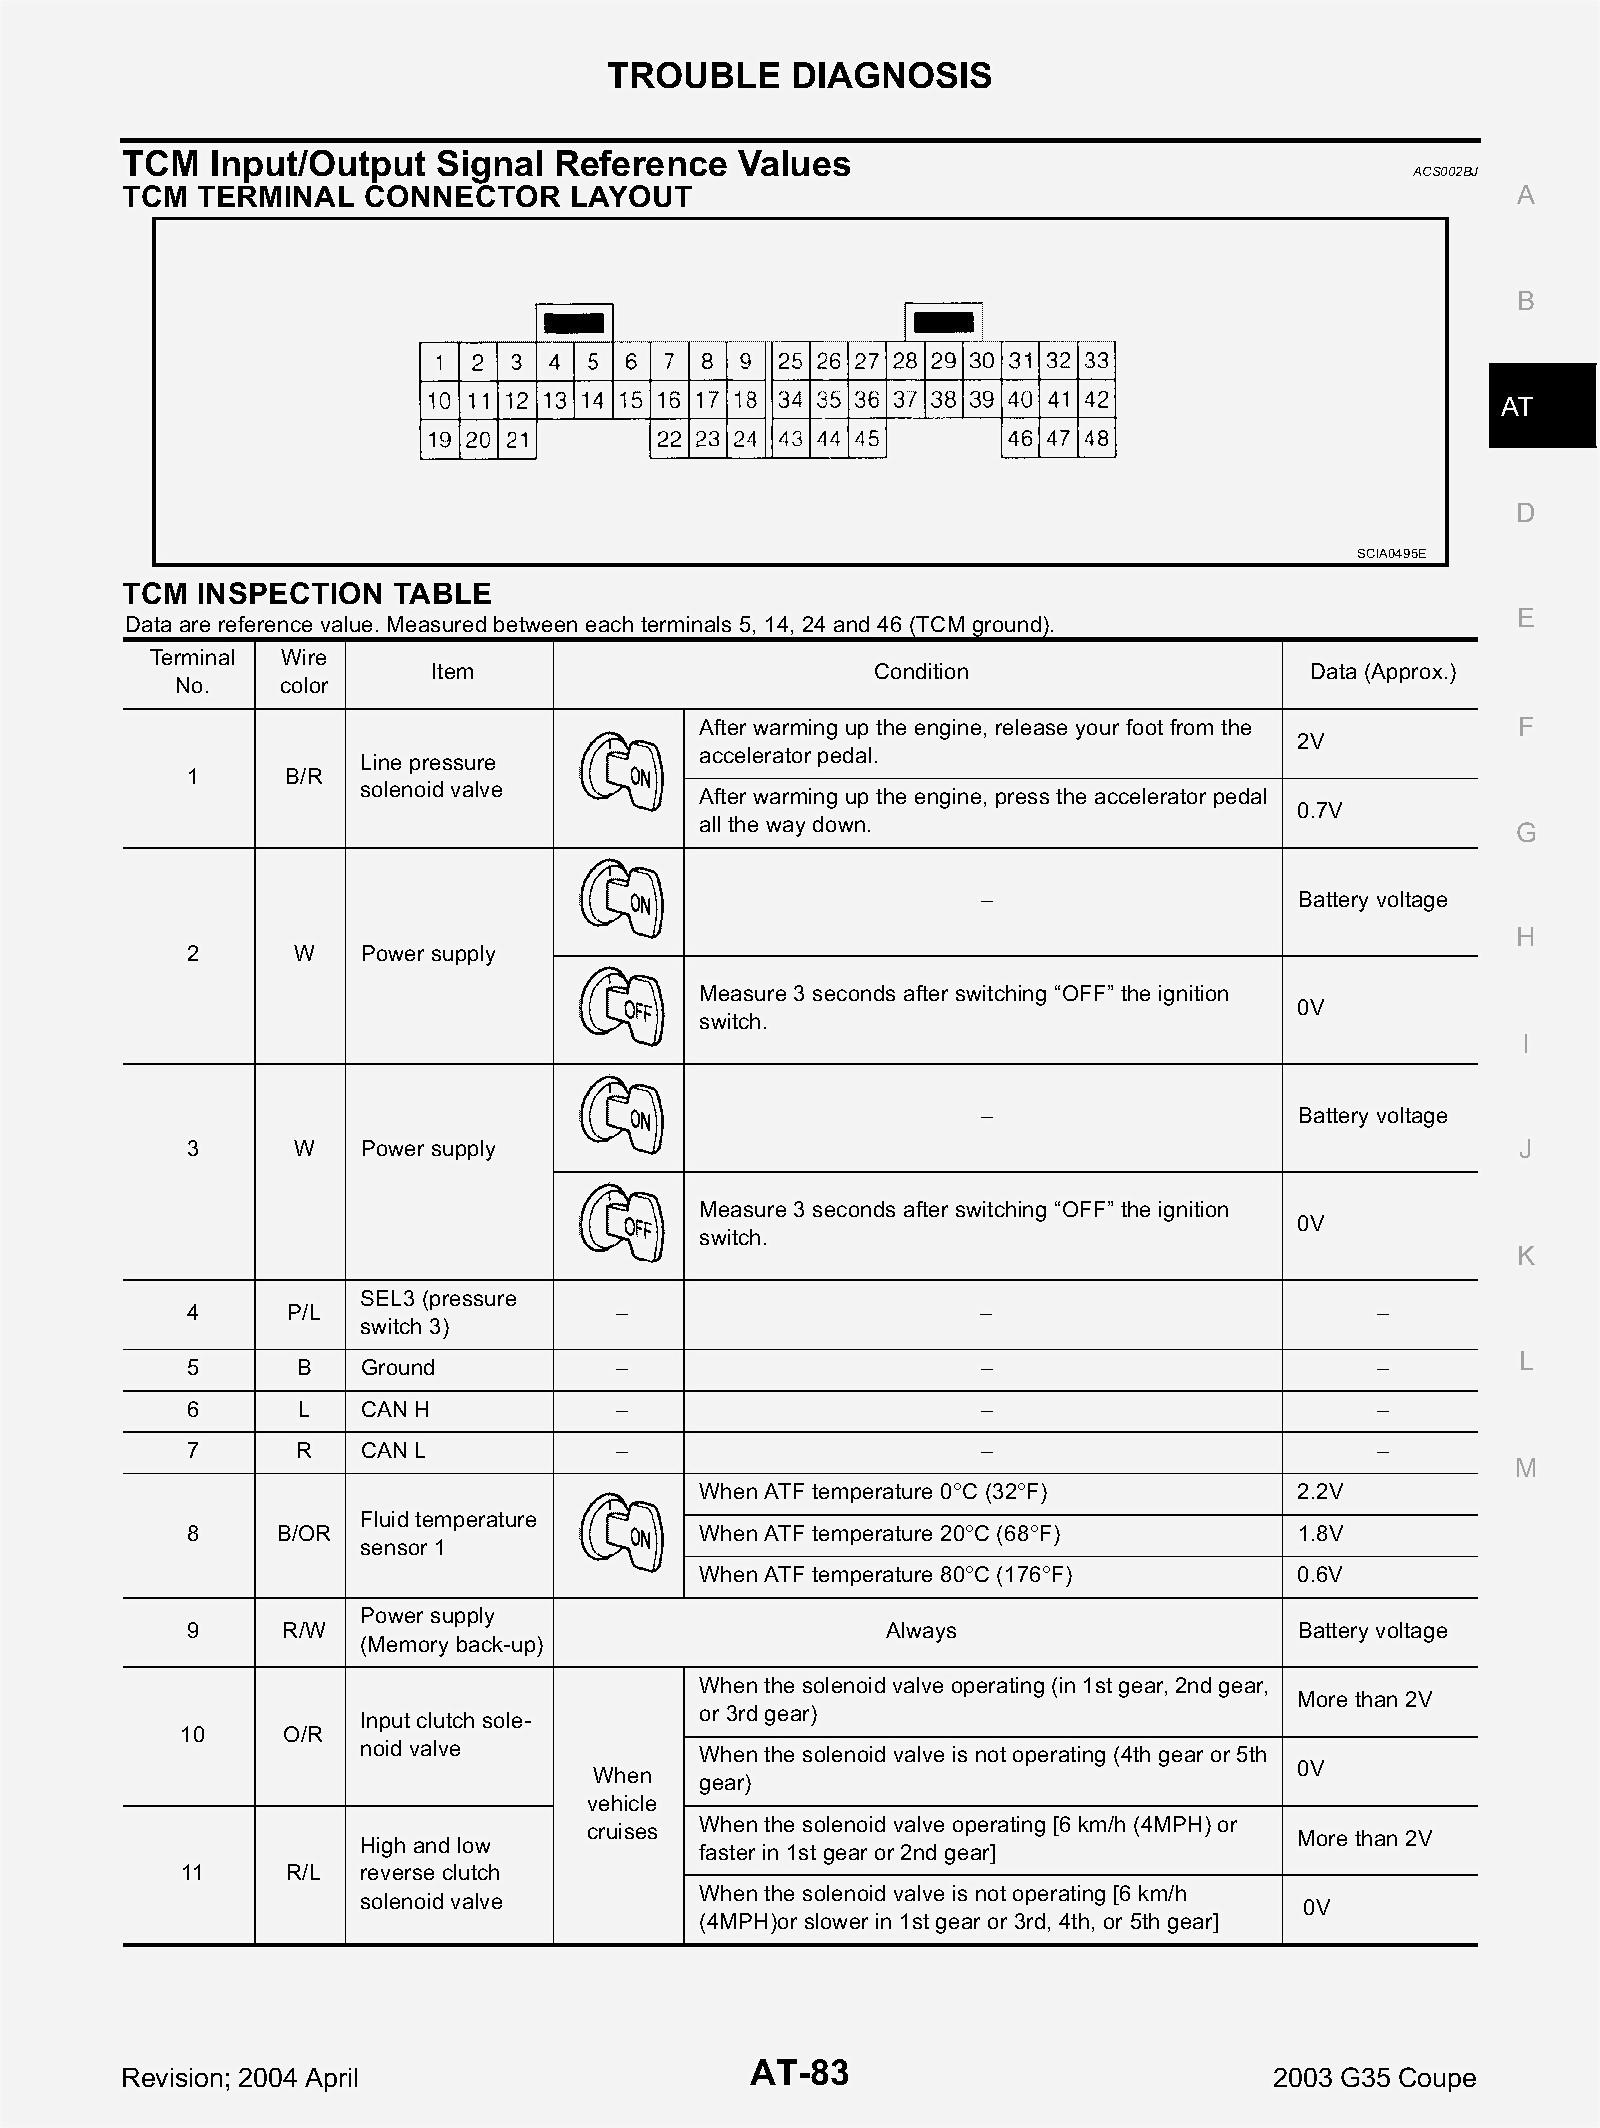 Wiring Diagram For Kenwood Kdc 138 | Wiring Diagram - Kenwood Kdc 138 Wiring Diagram